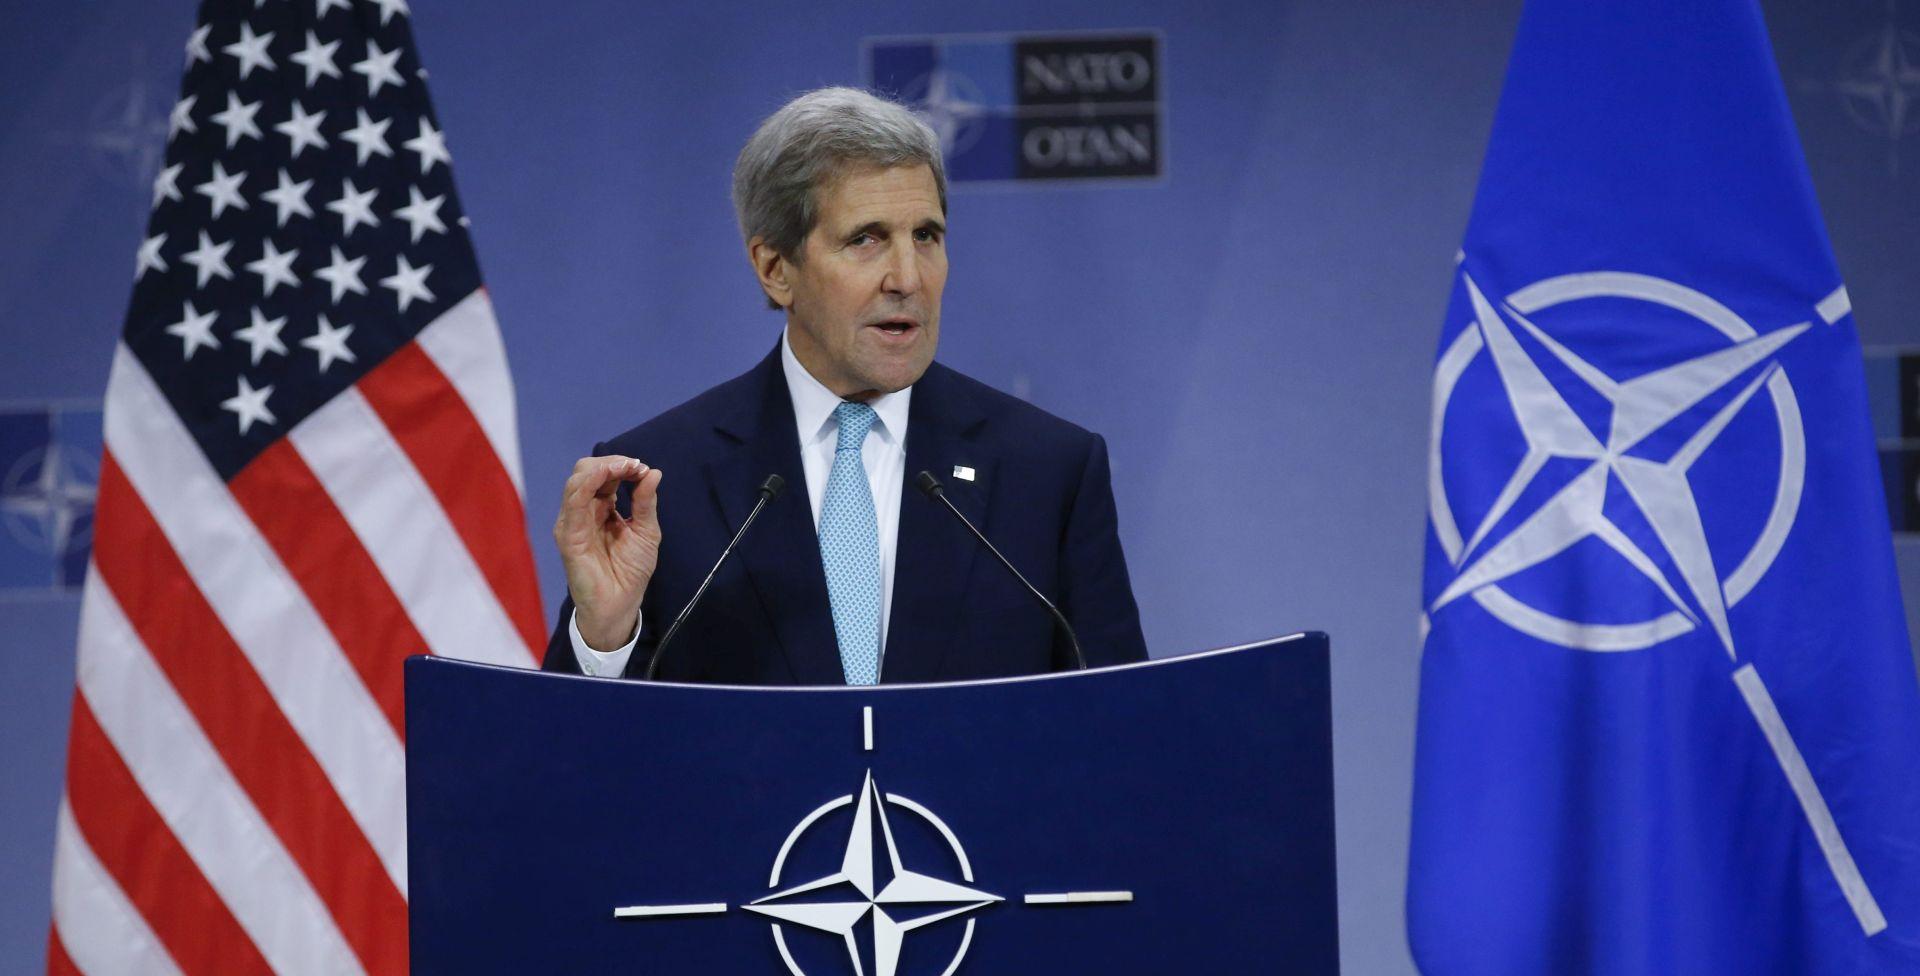 DEMOKRATSKI IZBORI U VENEZUELI: John Kerry pozdravlja želju za promjenom